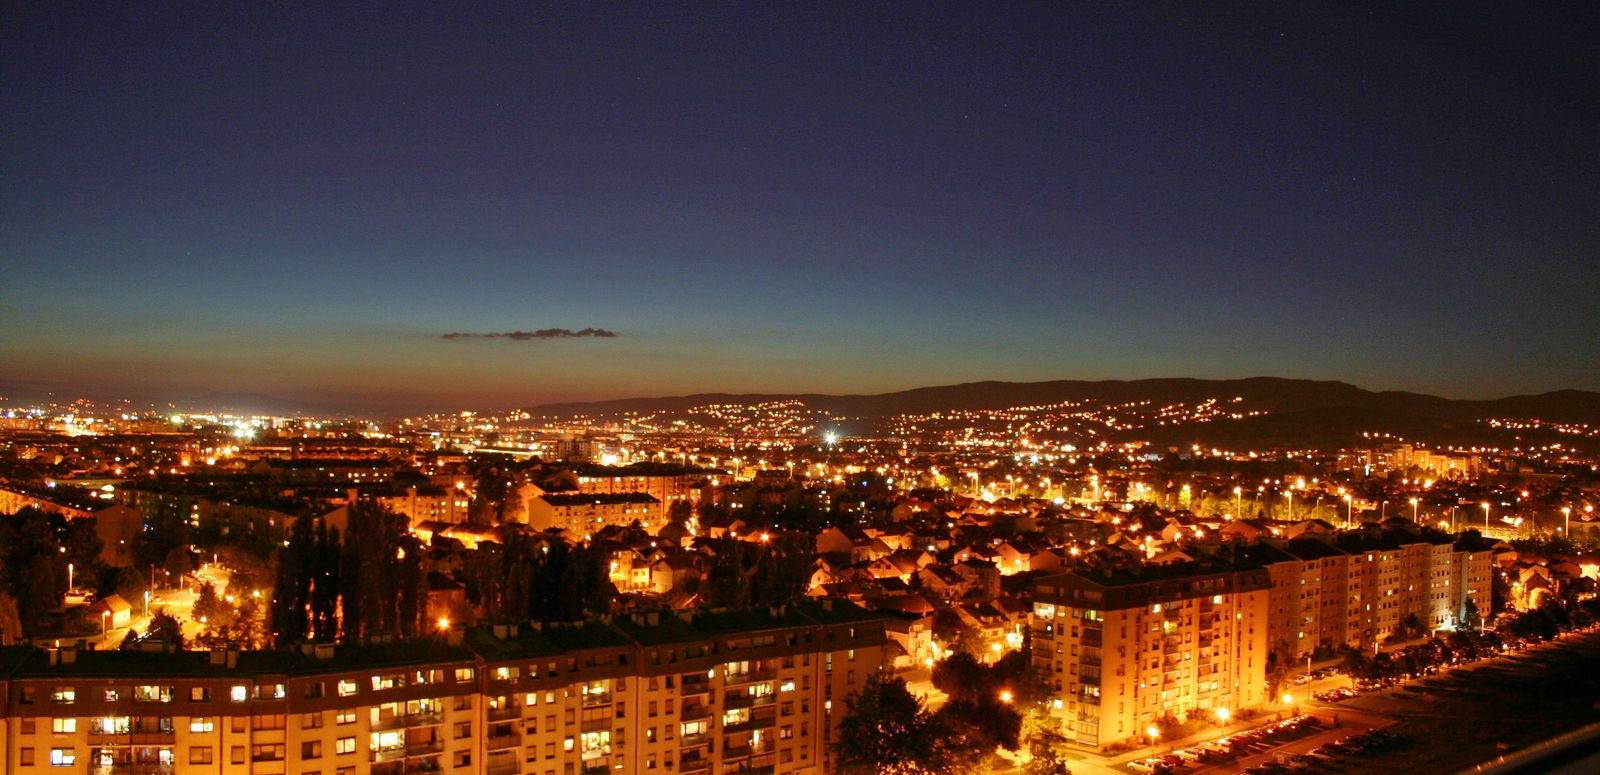 1492082985_night-cityscape-in-zagreb-croatia.jpg